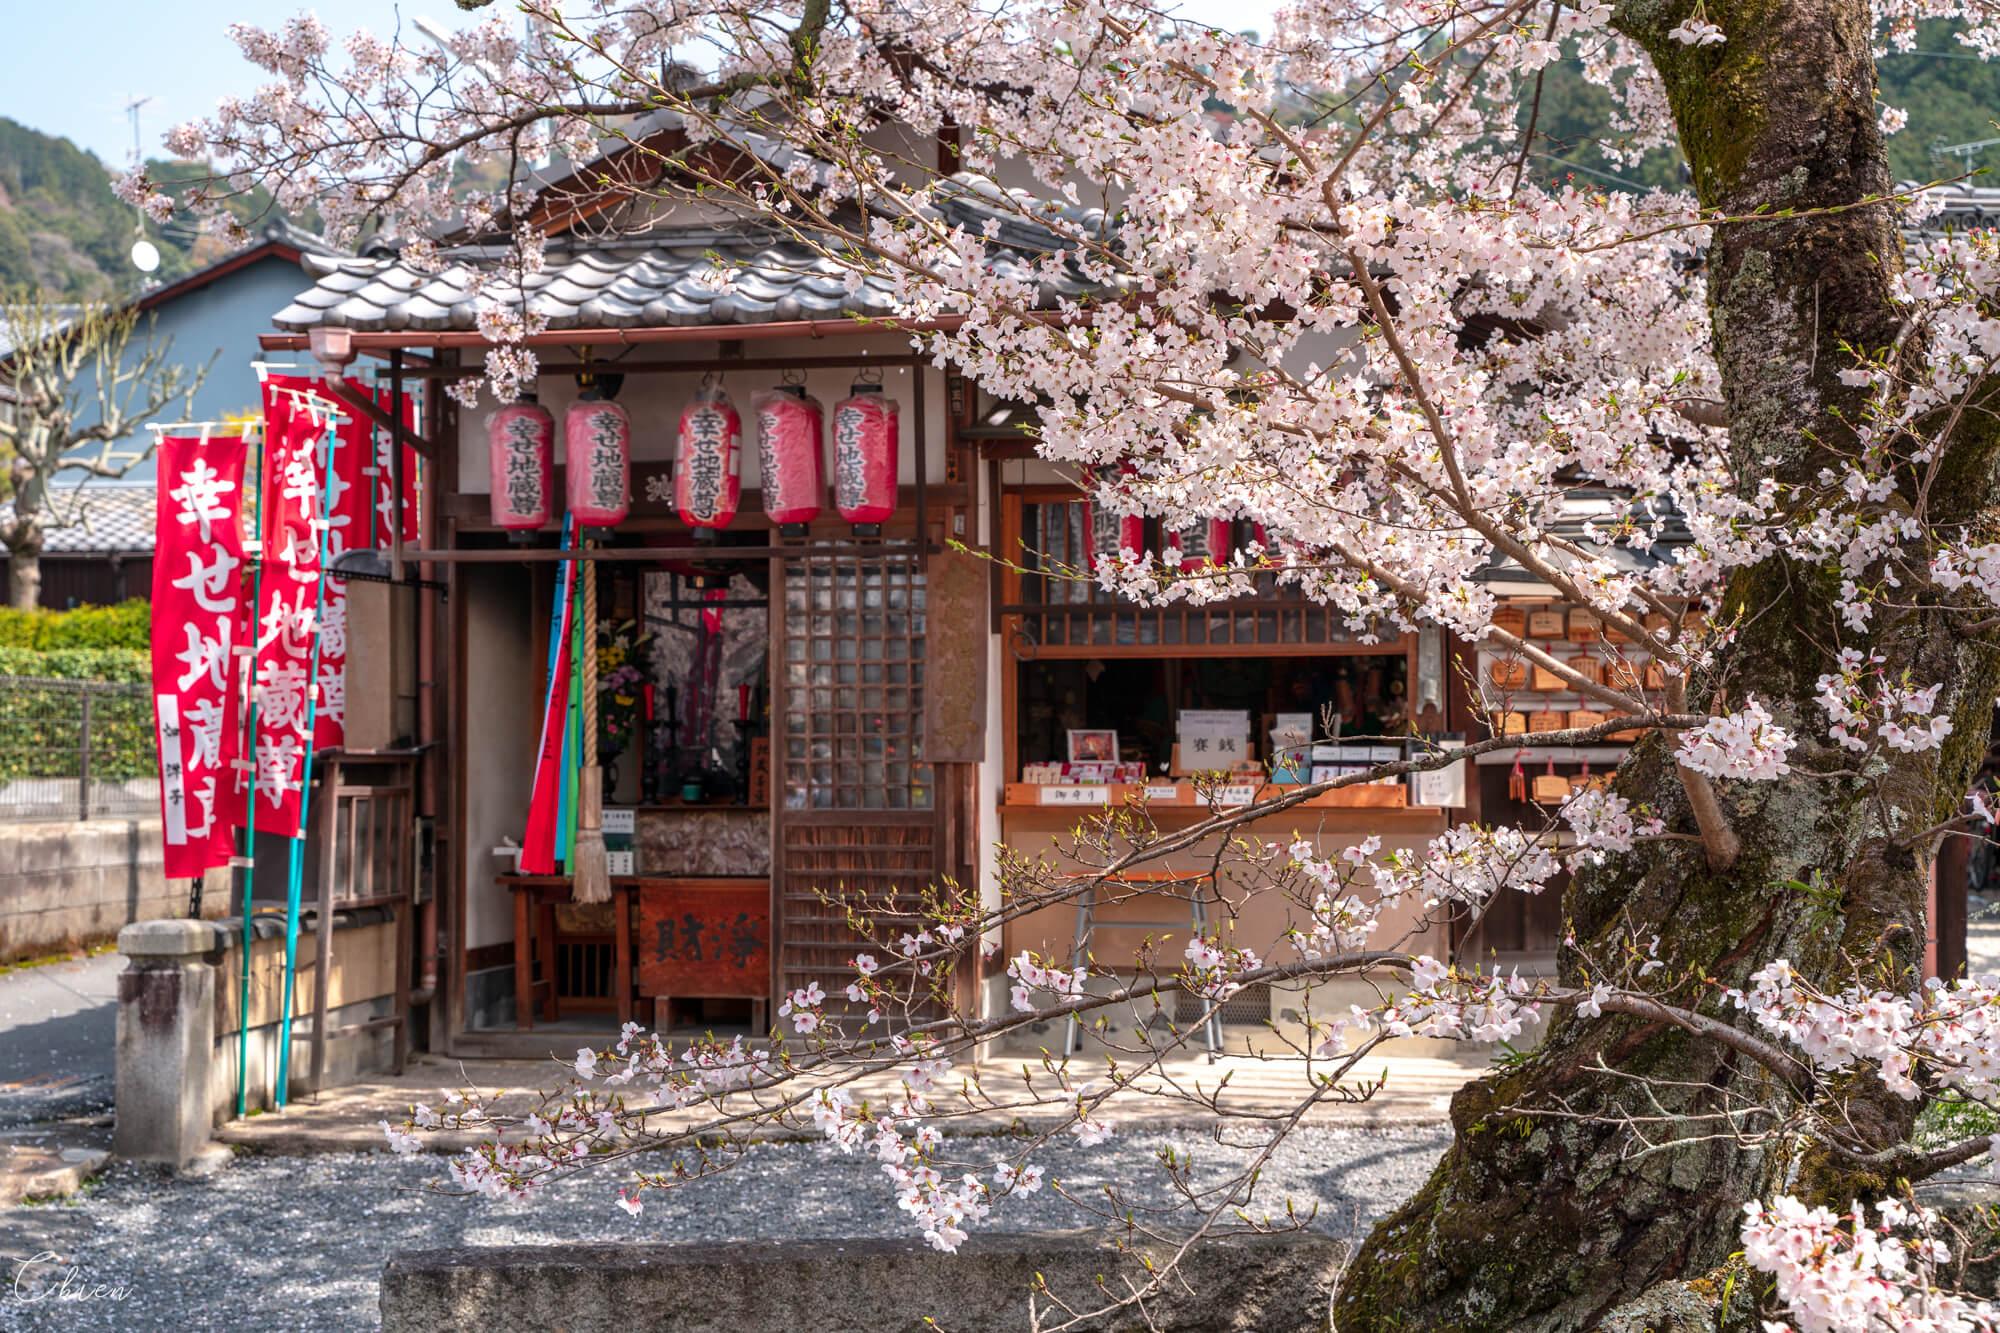 京都賞櫻景點 哲學之道櫻花神社